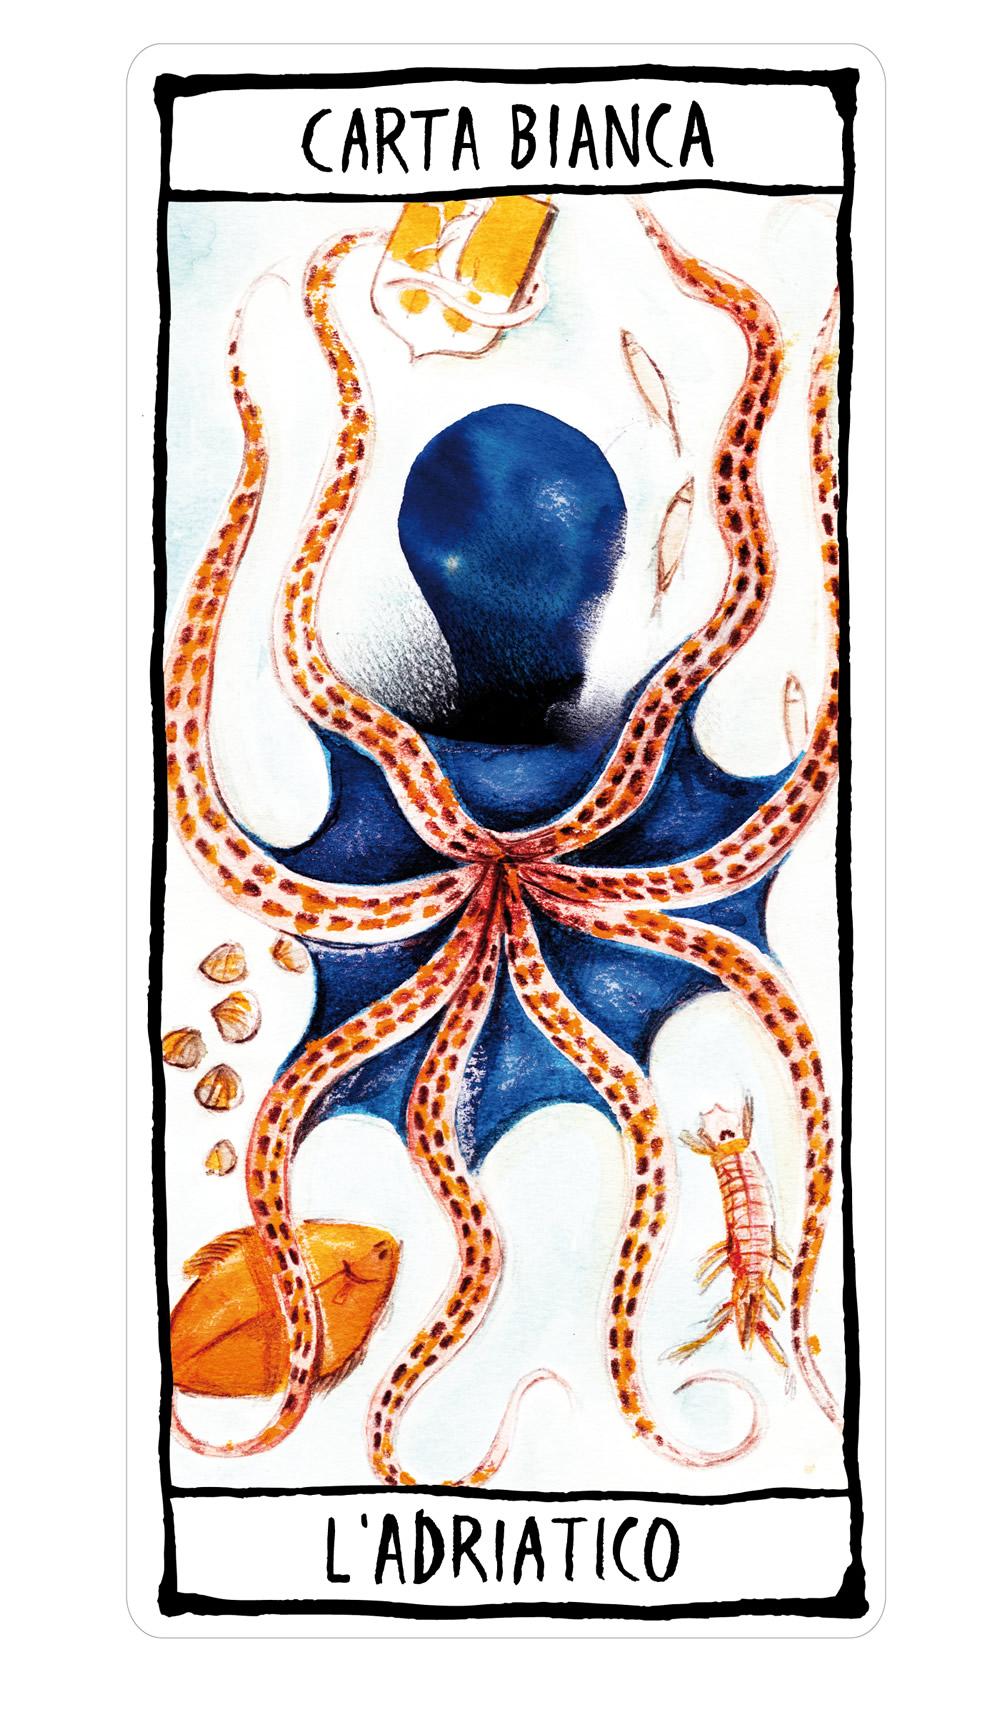 la carta bianca dell'Adriatico, illustrata da Francesca Ballarini per Enologica 2015